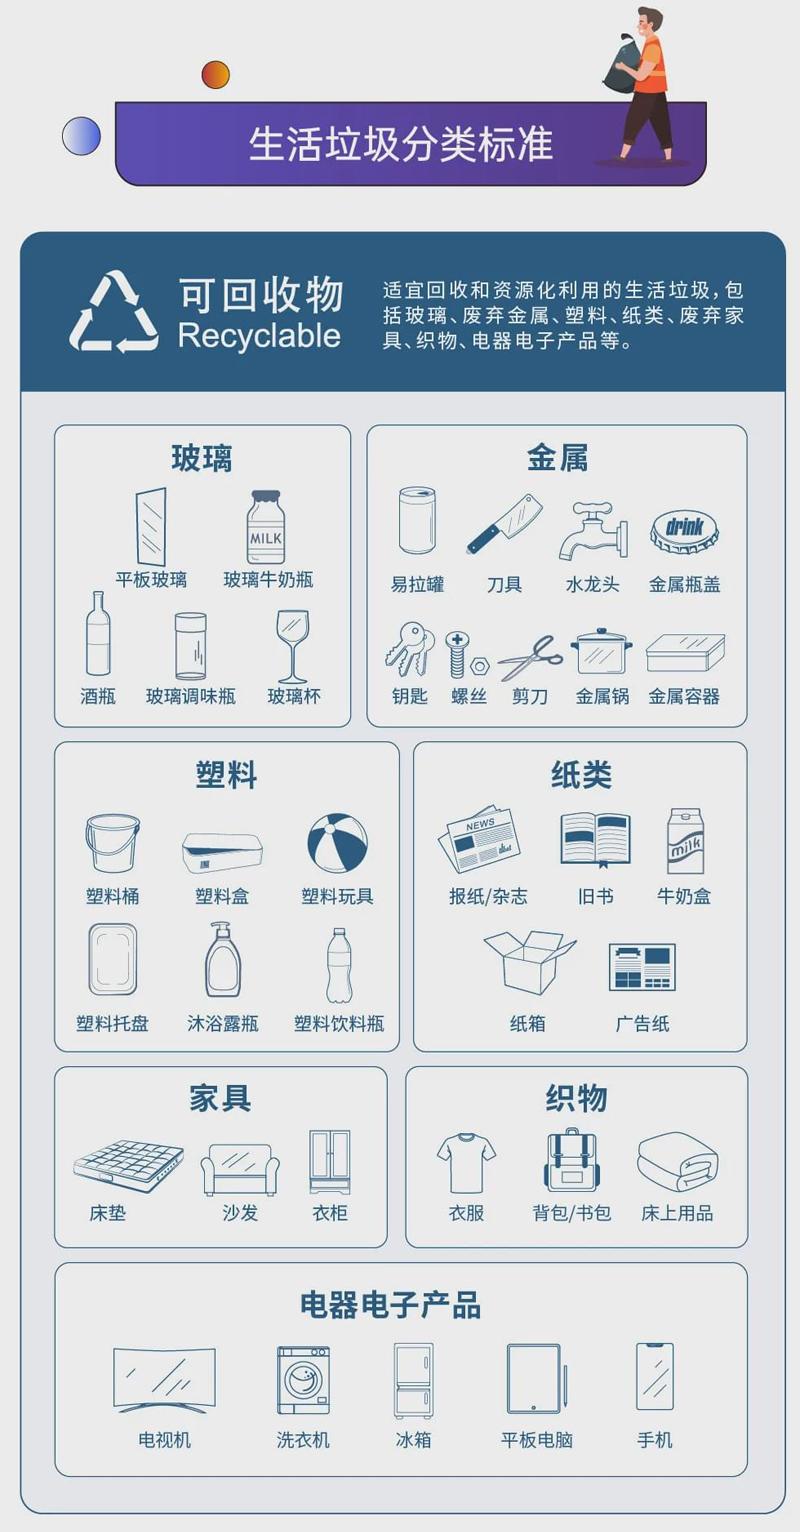 深圳生活垃圾分类标准可回收物